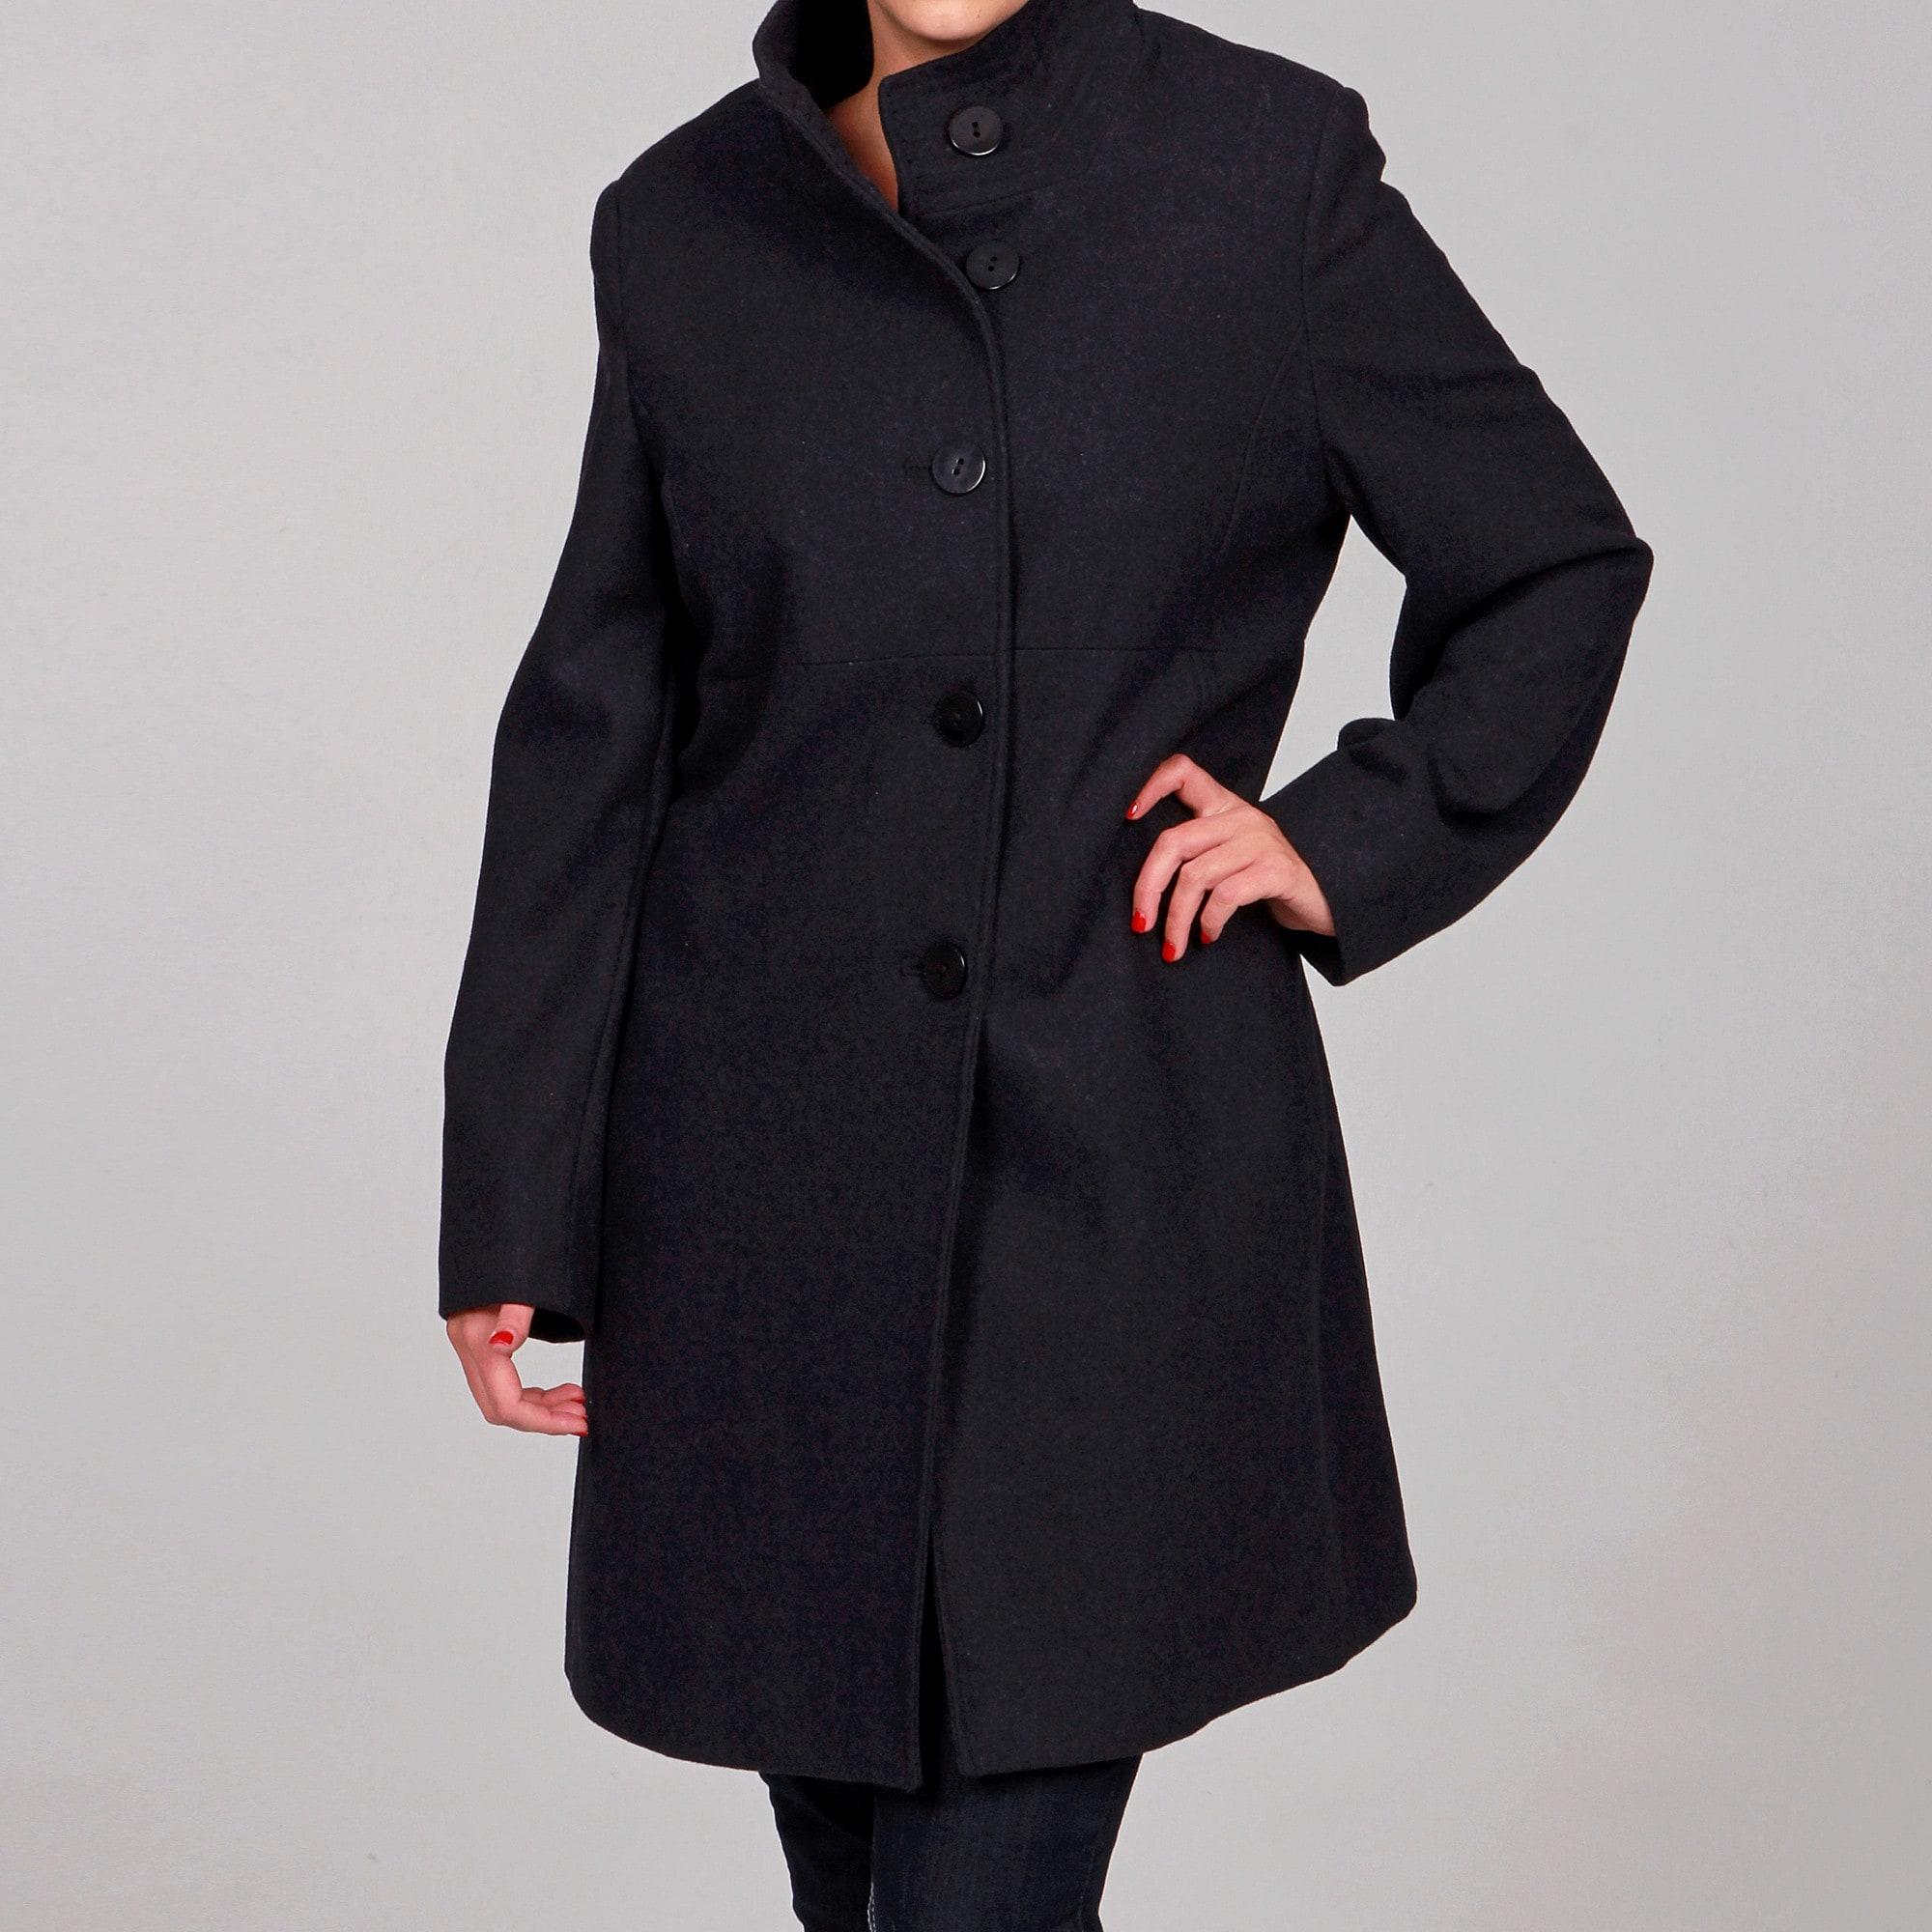 Jones New York Women\'s Plus Size Wool Blend Coat FINAL SALE